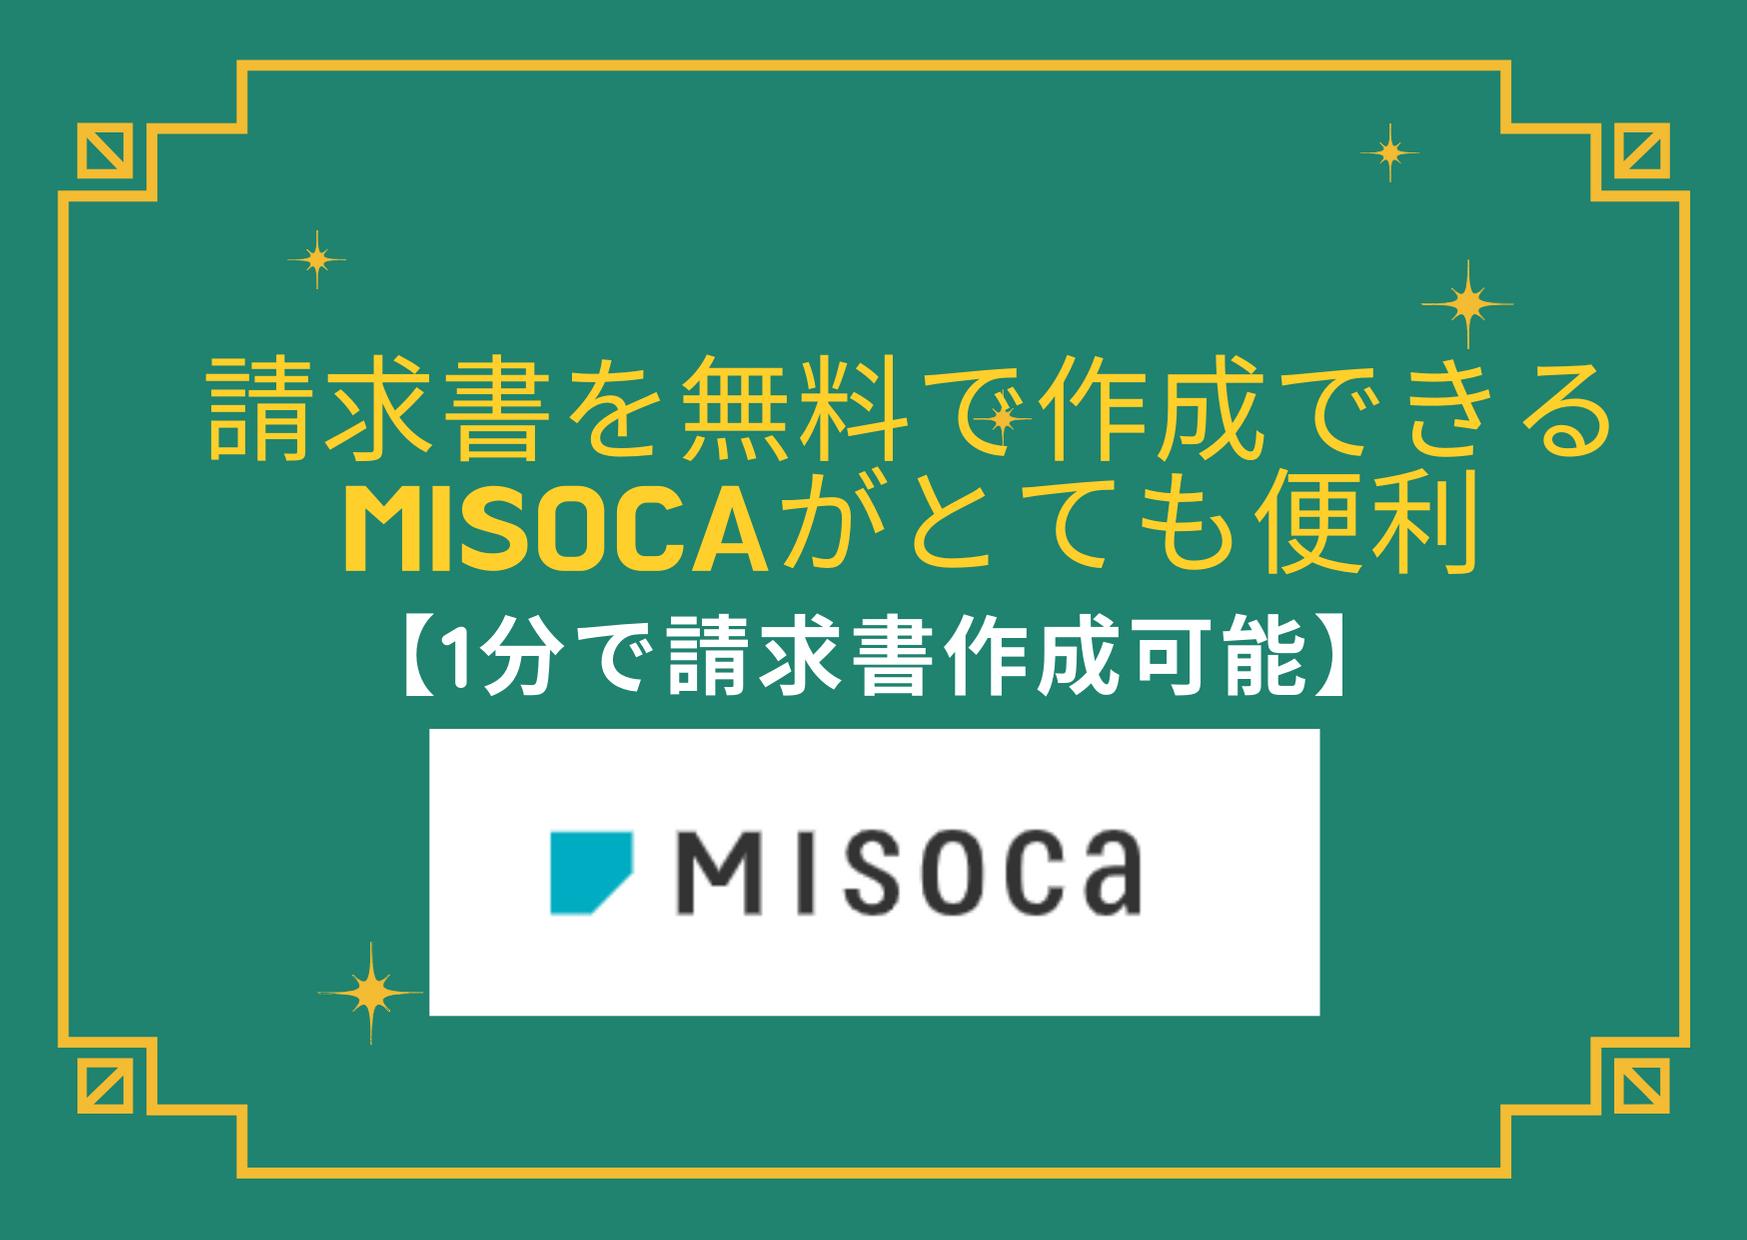 請求書を無料で作成できるMisocaが便利すぎた【1分で作成可能】